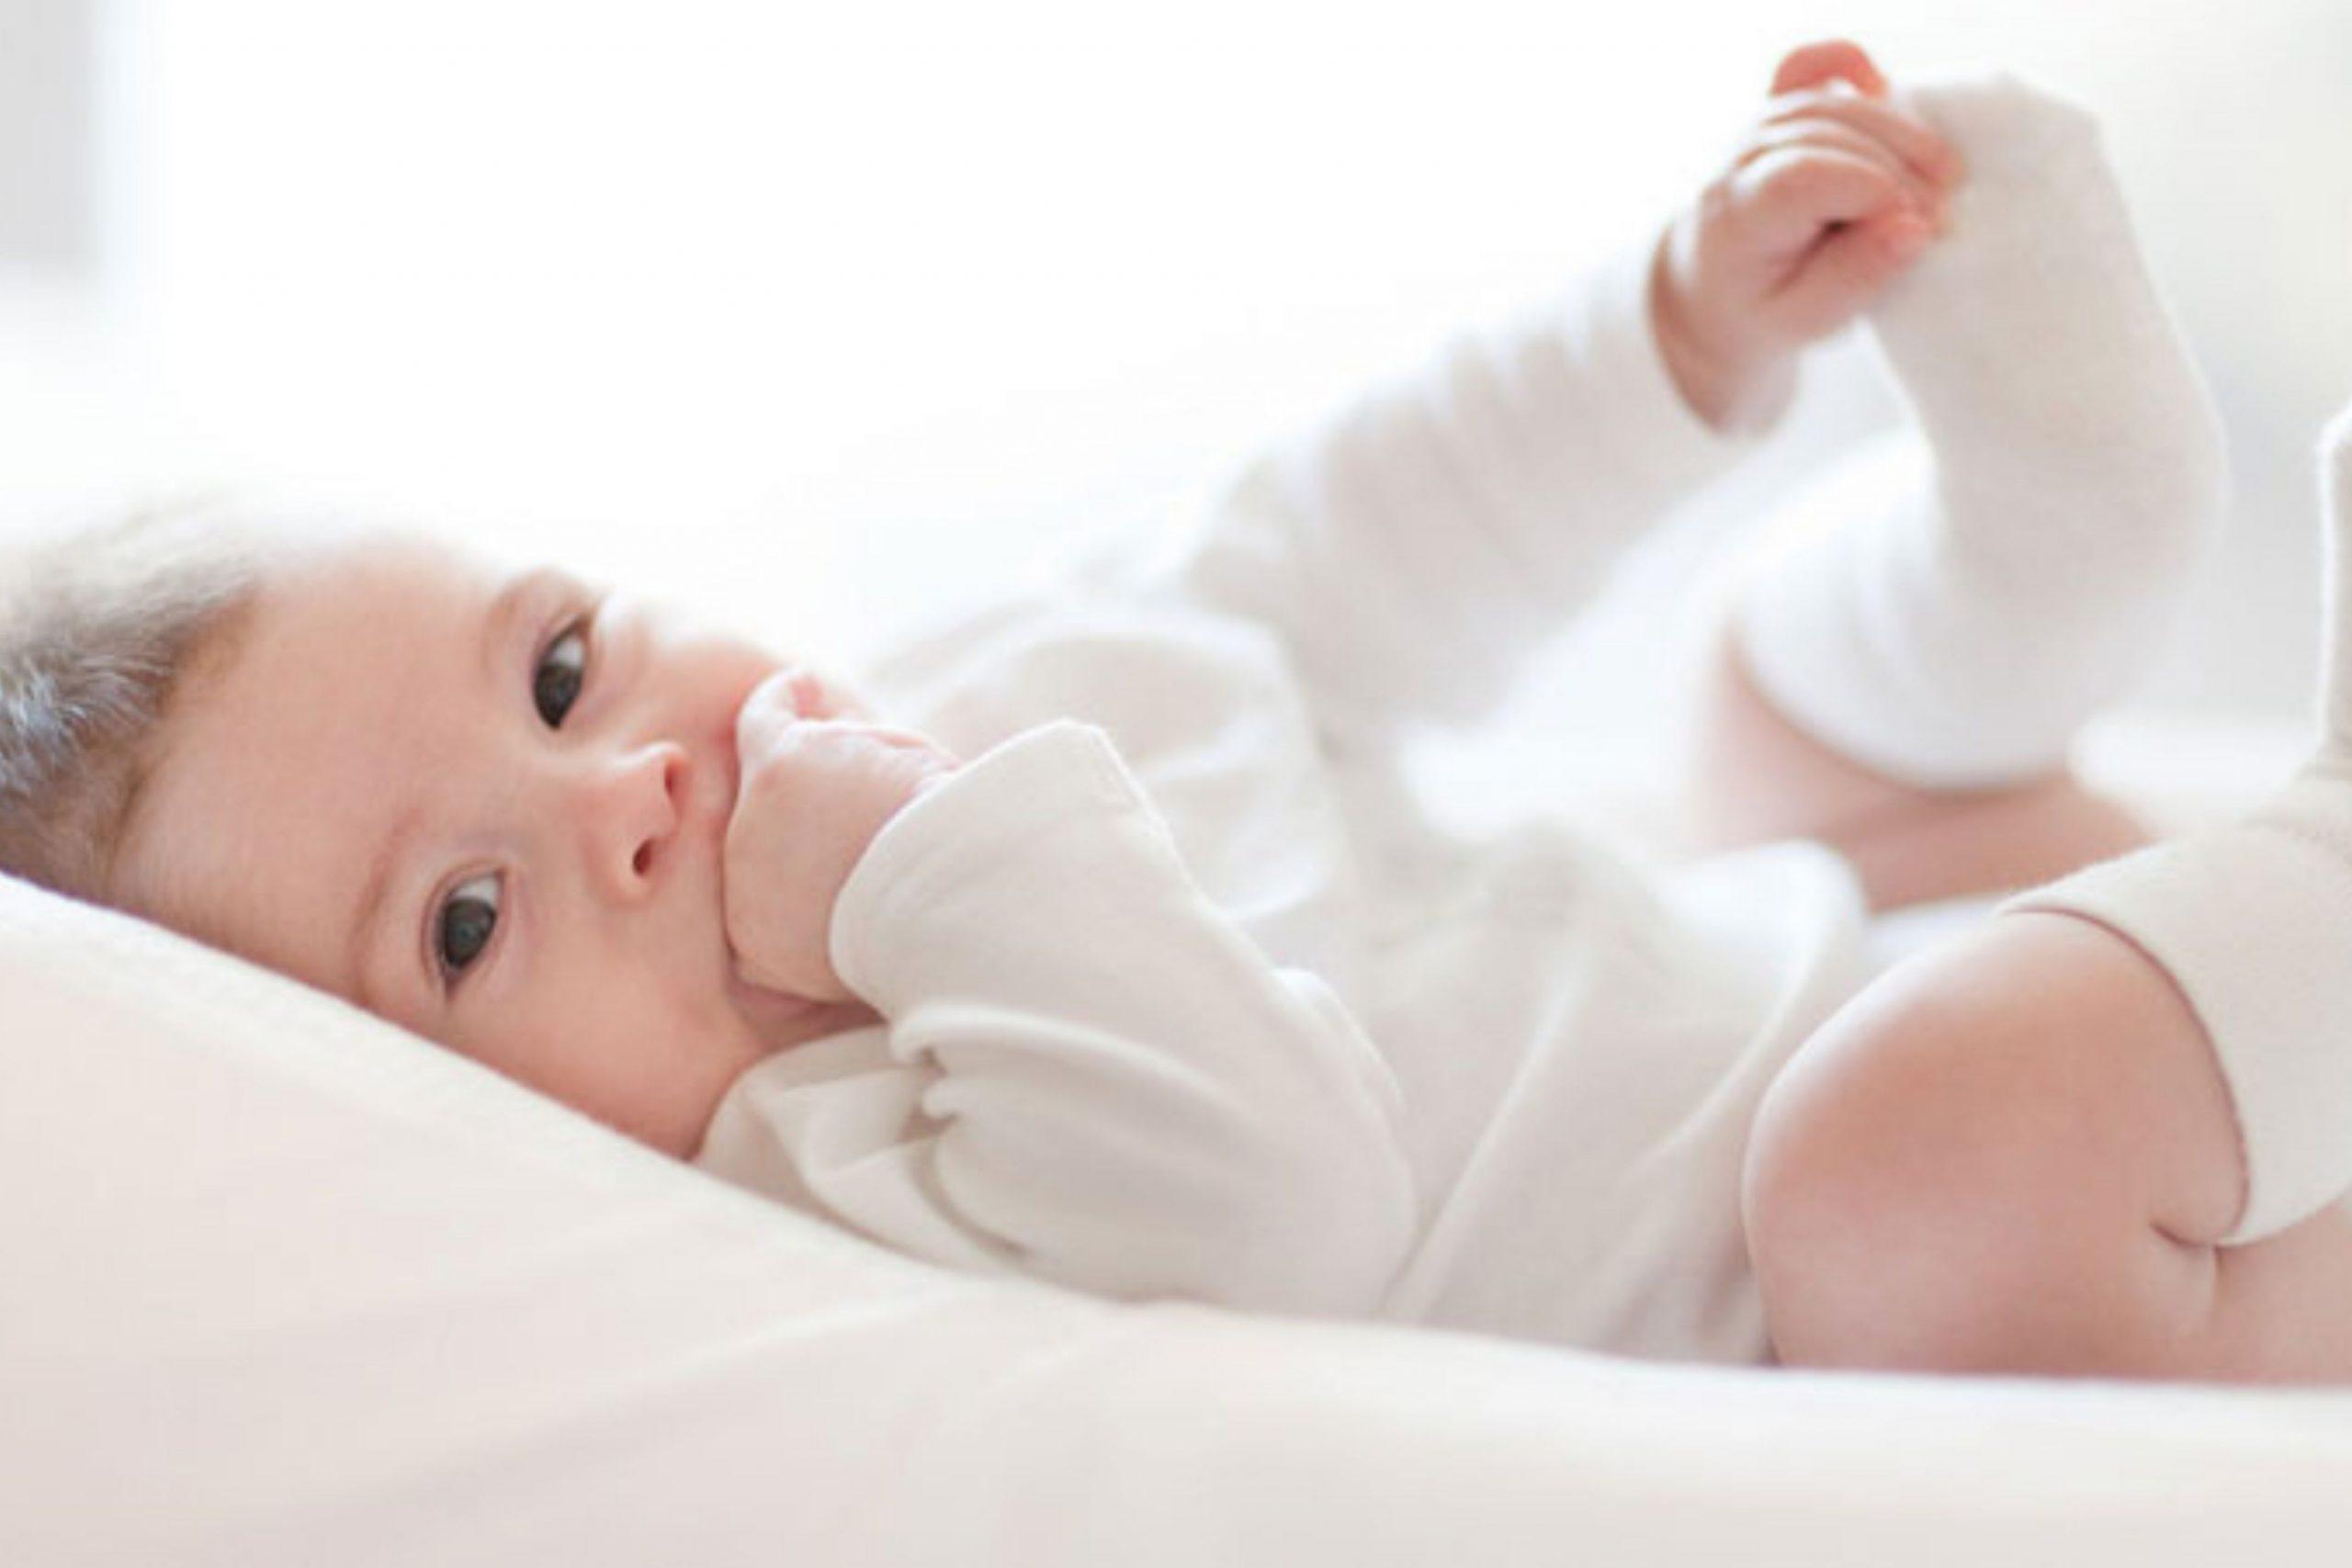 Hướng dẫn vệ sinh, khử mùi nệm khi trẻ tè dầm